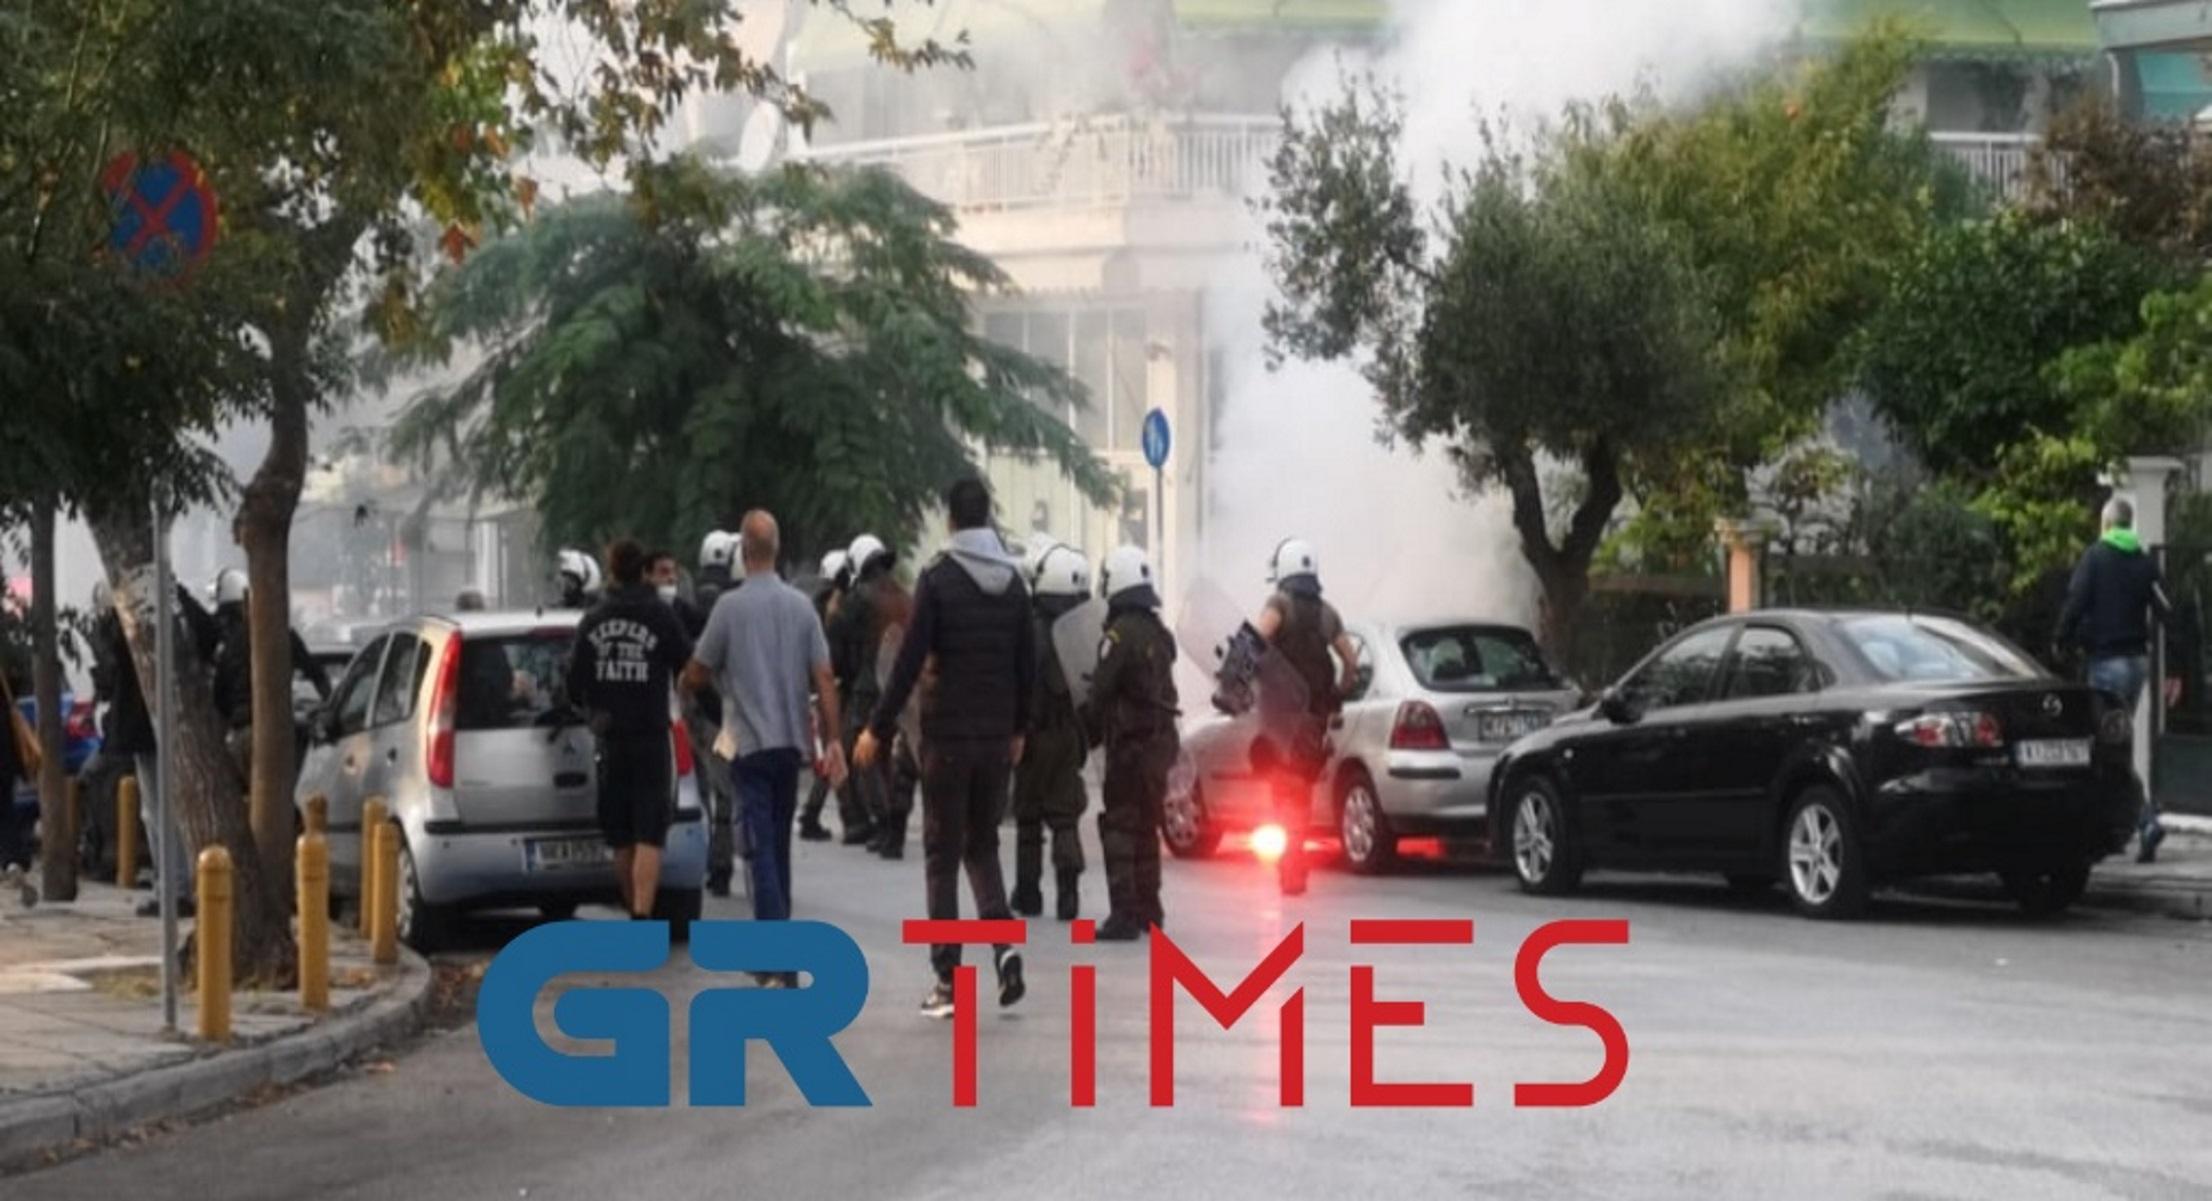 Θεσσαλονίκη: Καταγγελίες για οργανωμένους ακροδεξιούς που παριστάνουν τους μαθητές σε σχολεία